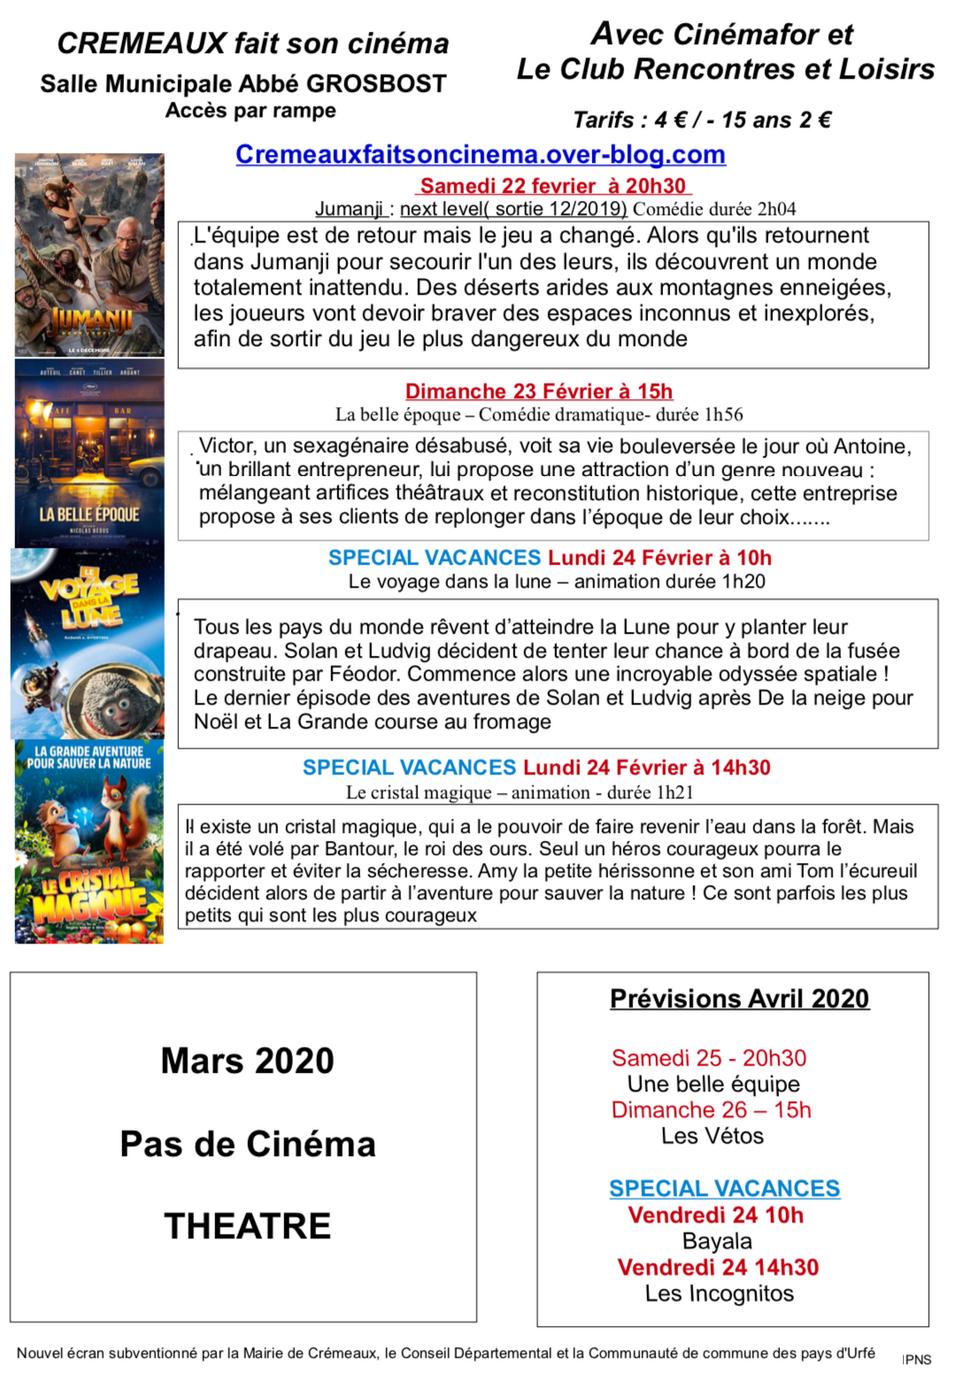 Une association mobilisée pour continuer à faire vivre le cinéma à Crémaux